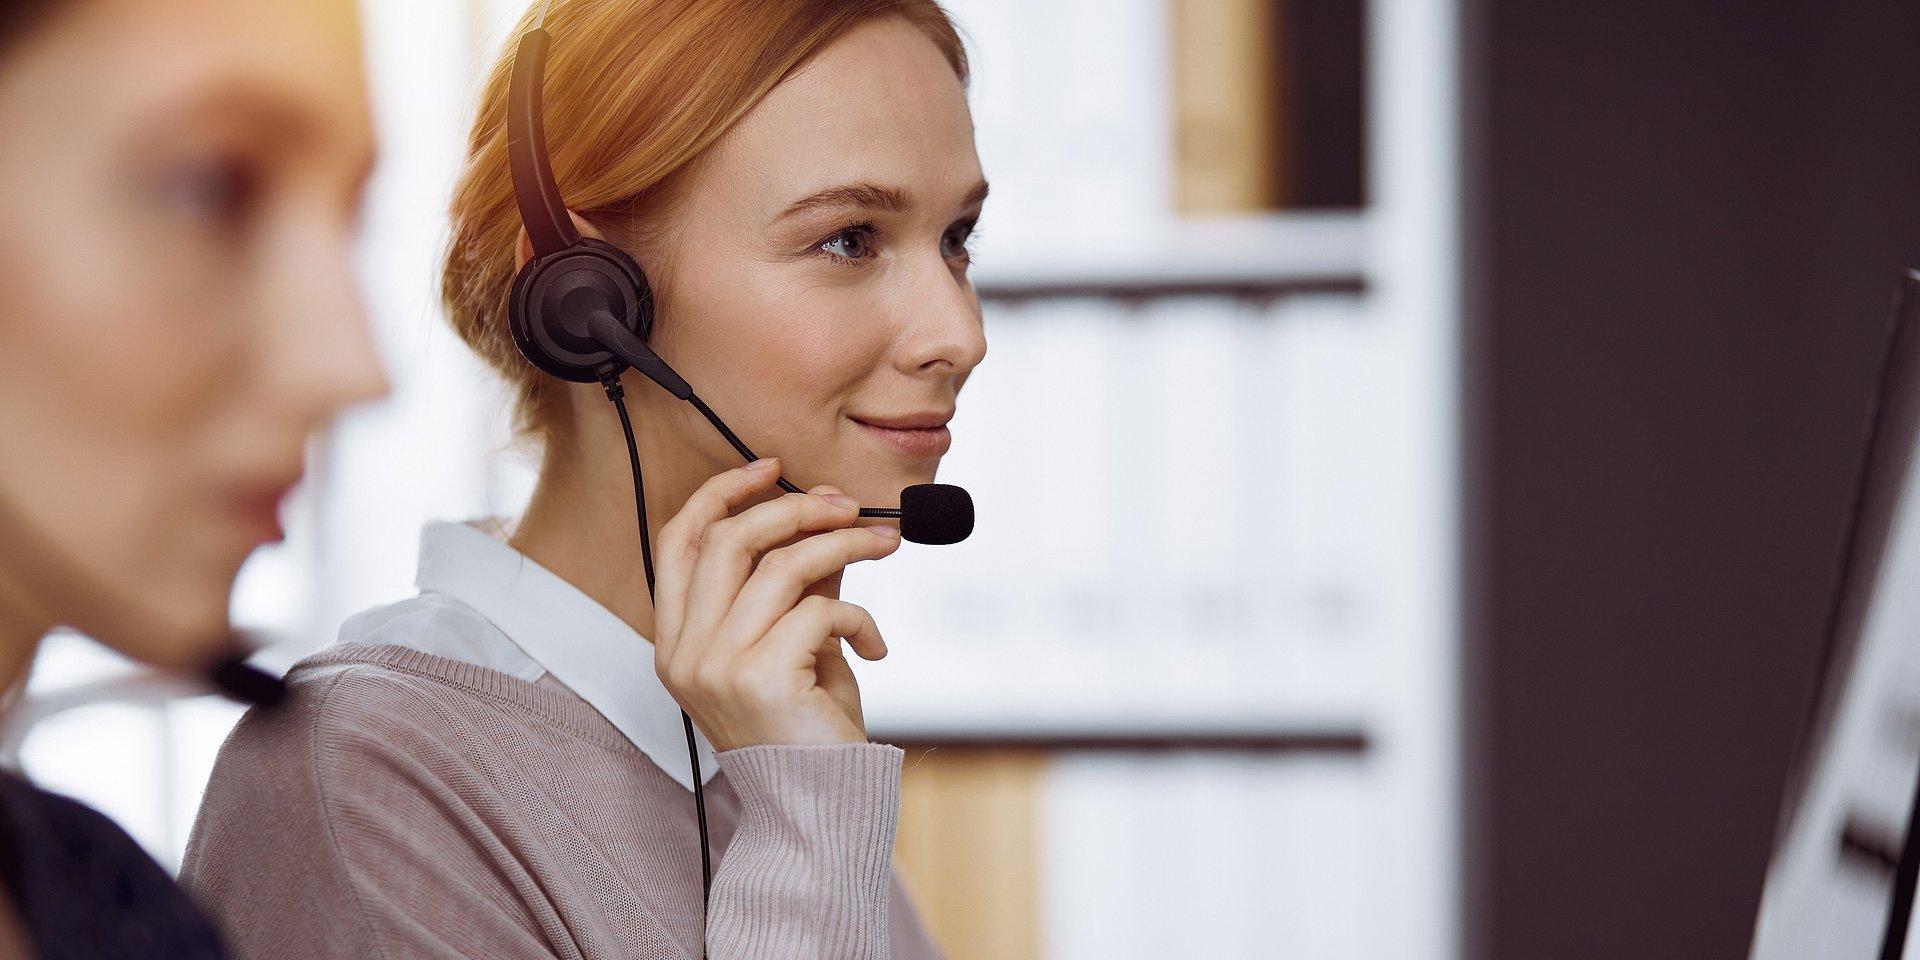 Europa Ubezpieczenia uruchamia sprzedaż polis przez telefon